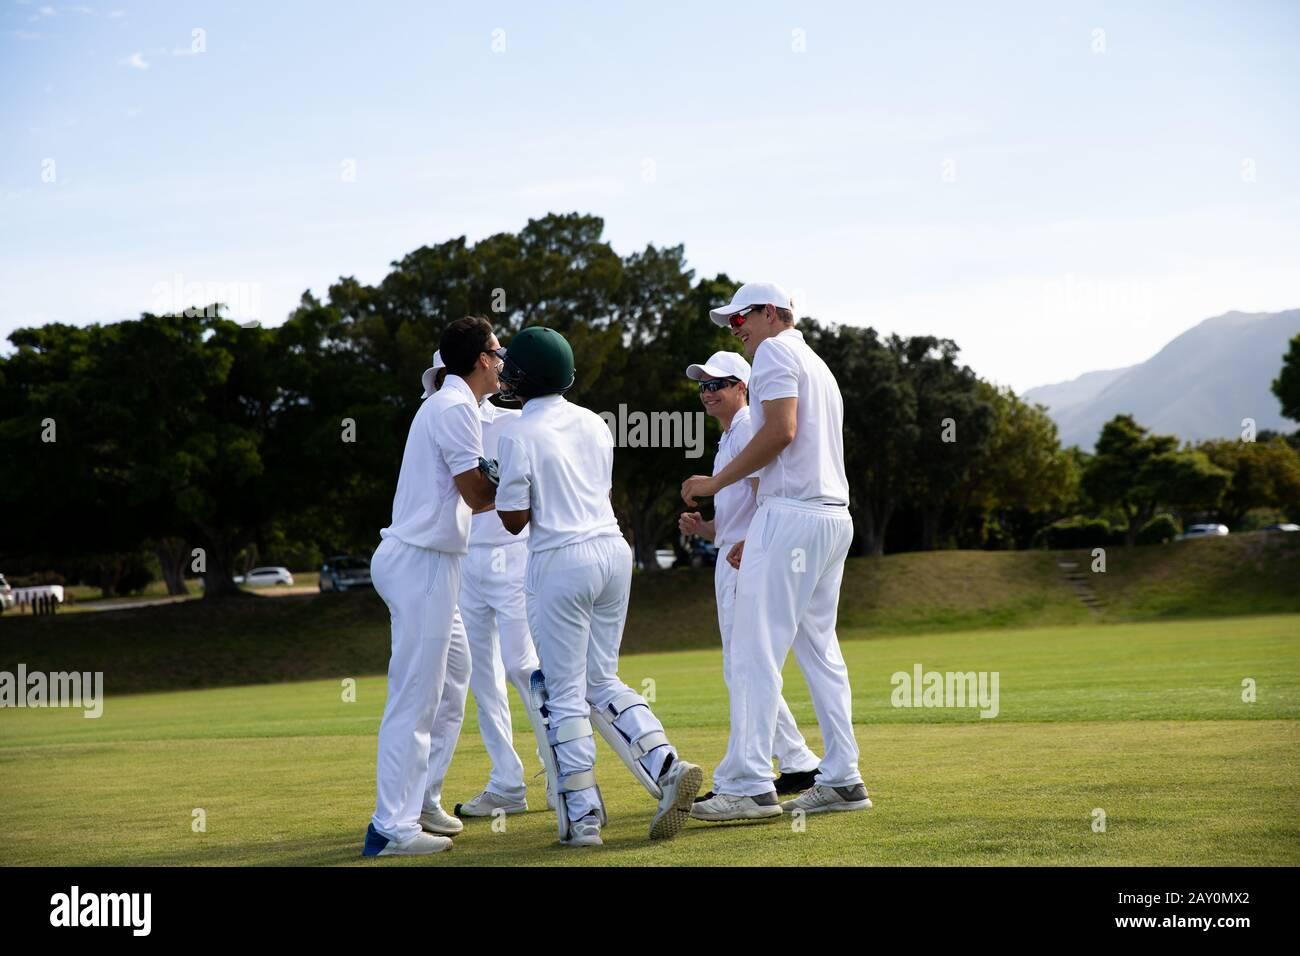 Les joueurs de cricket discutent sur le terrain Banque D'Images